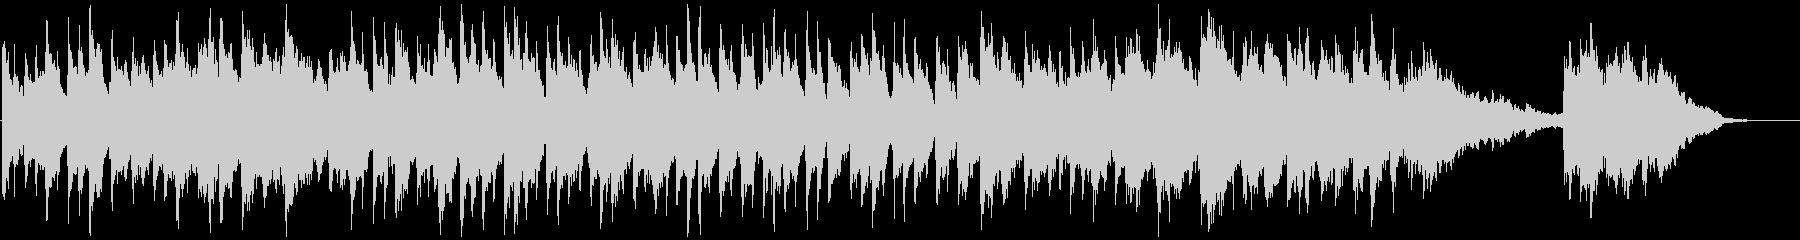 ピアノとシンセの広がりのあるアンビエントの未再生の波形